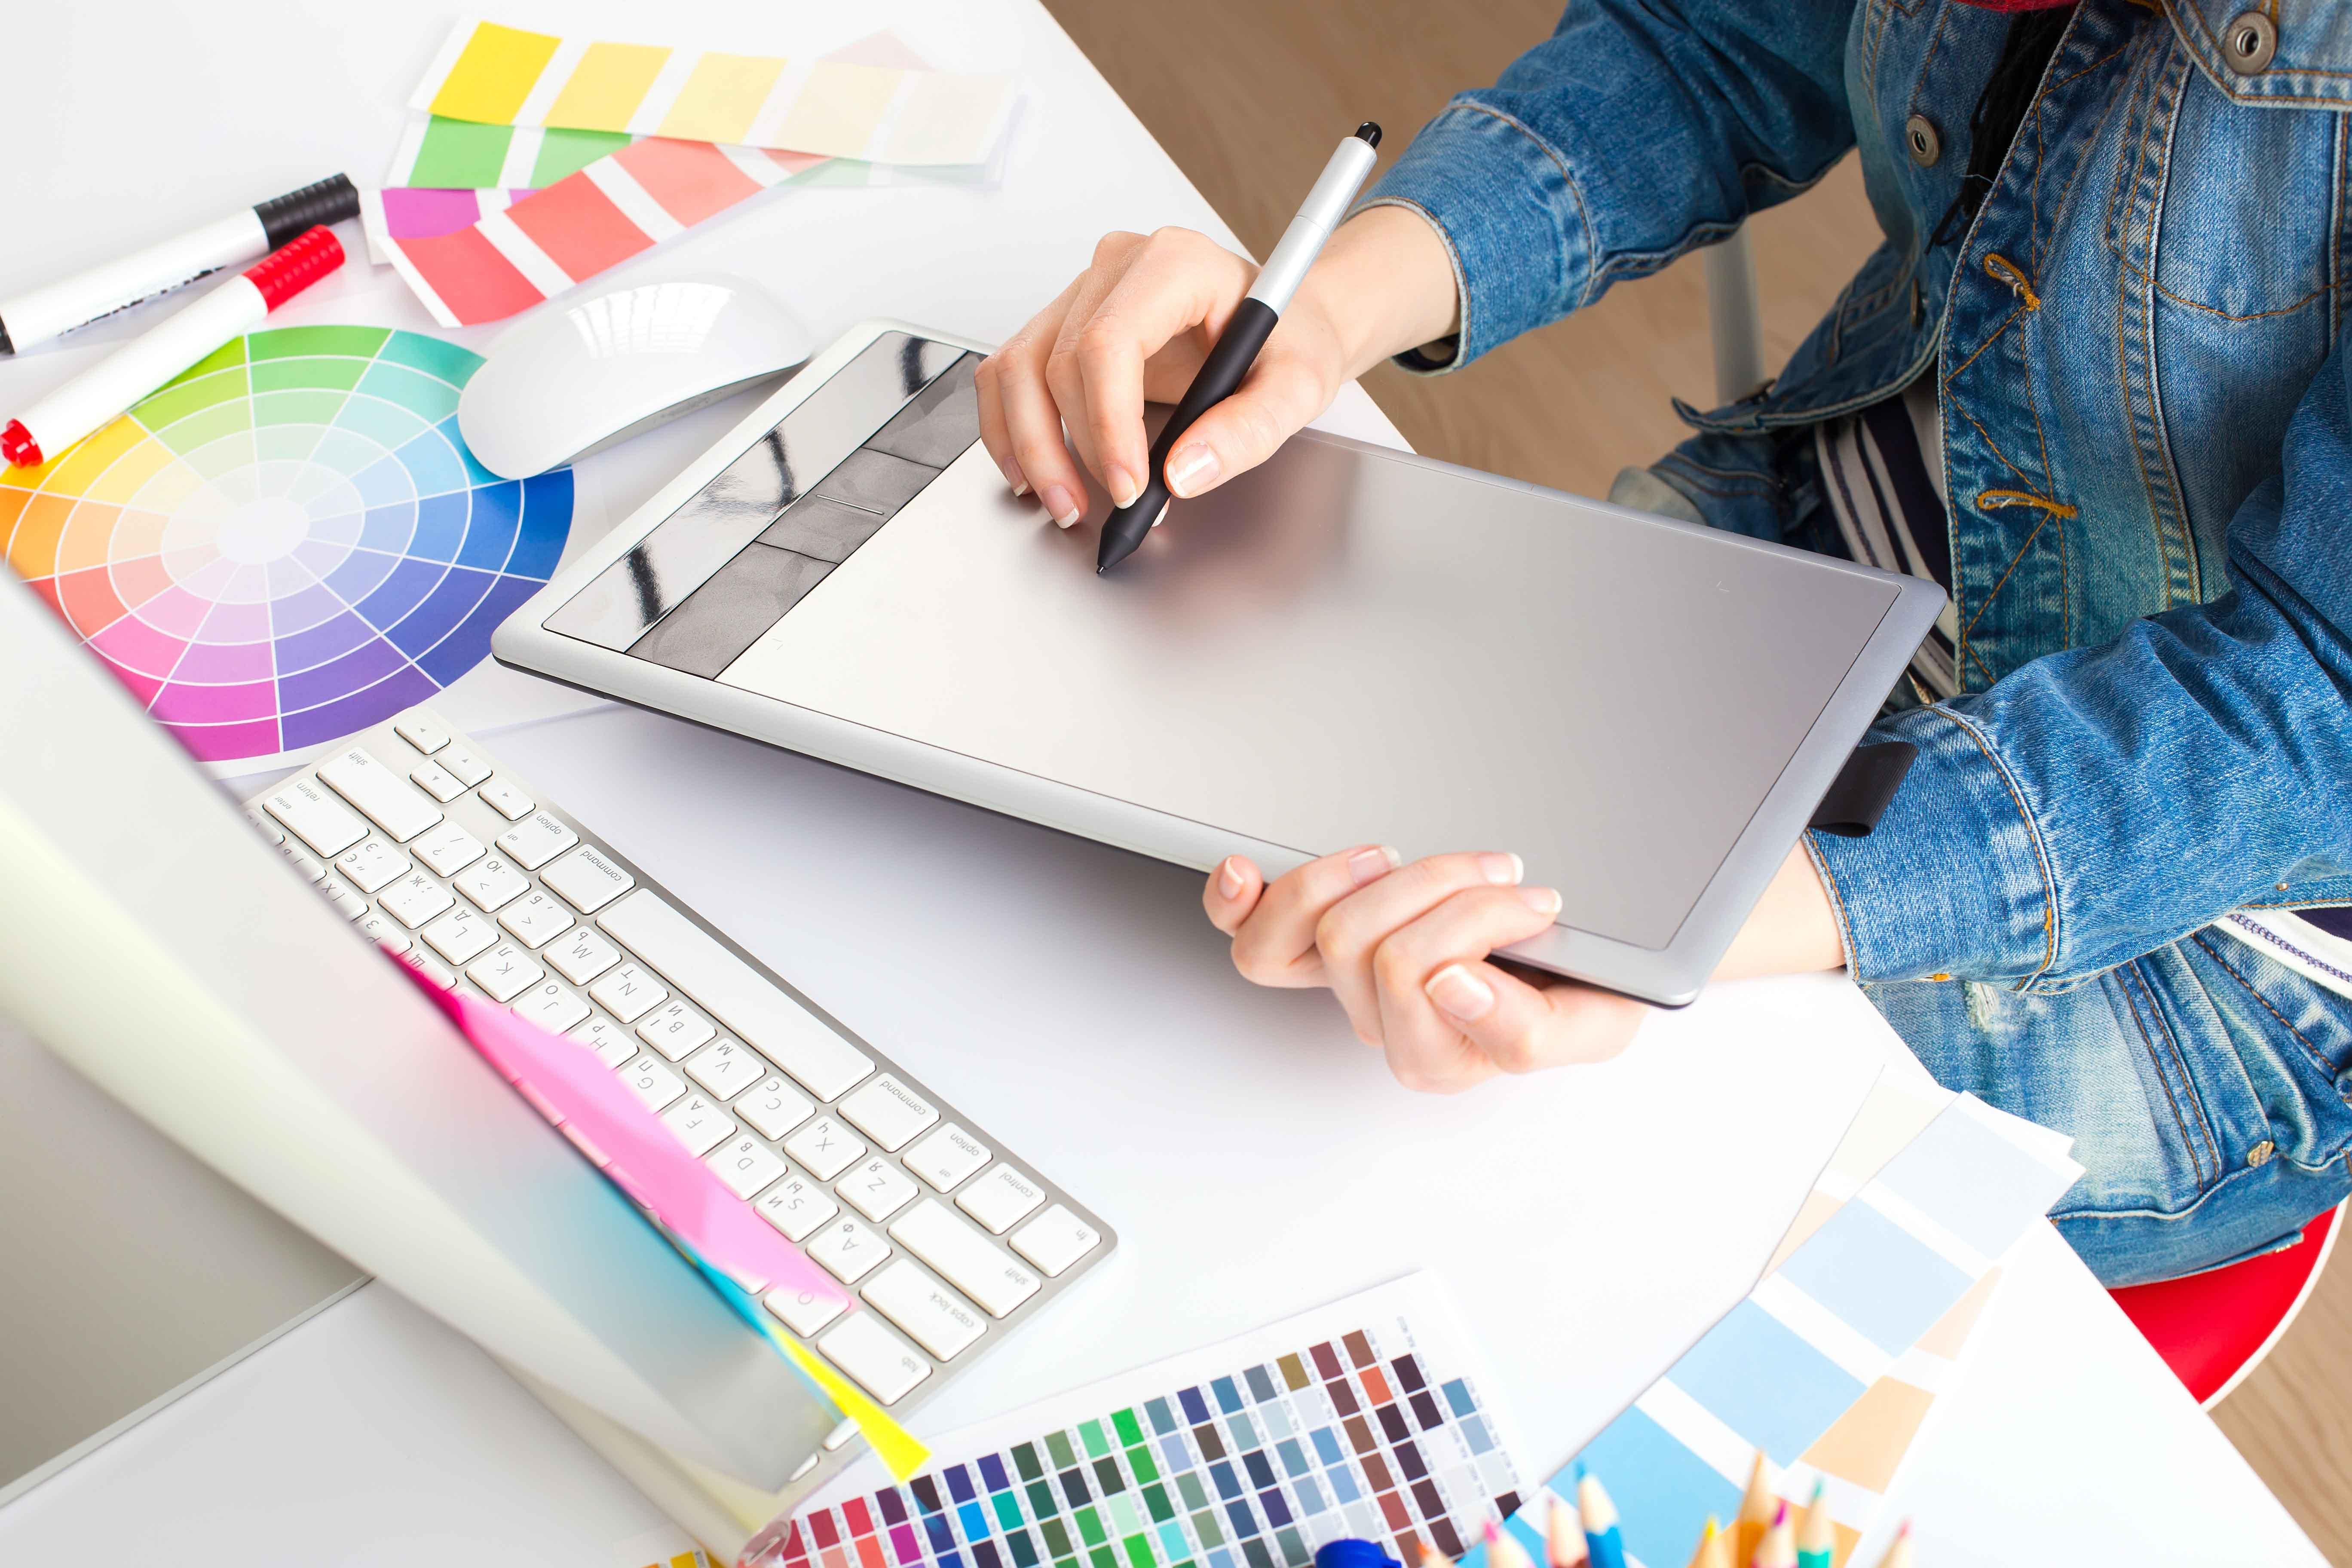 Estudio de diseño con trabajador de espaldas